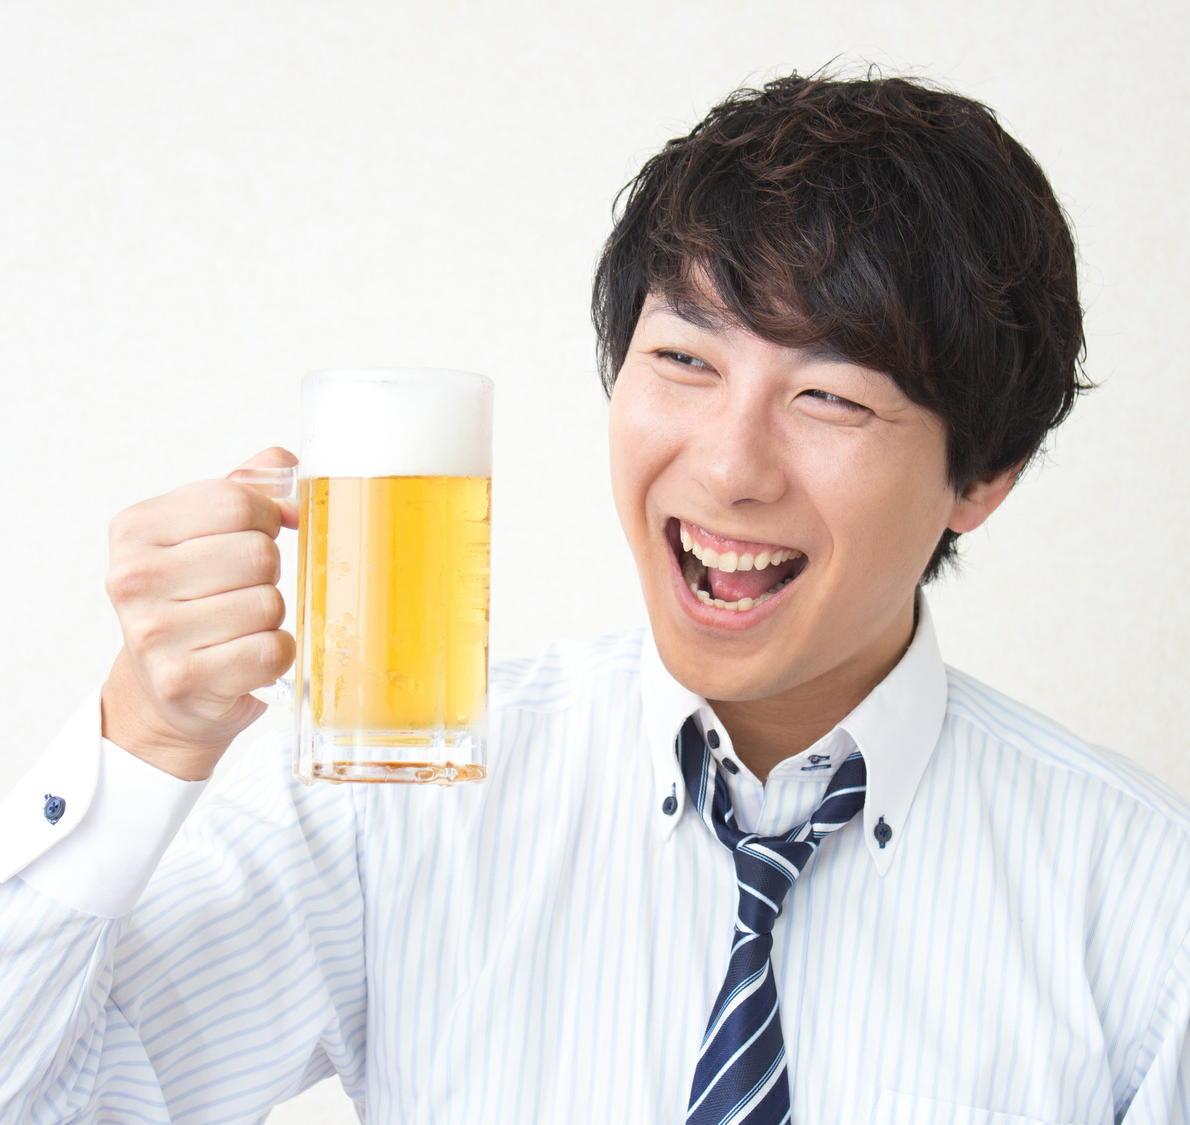 「2時間の飲み会」の危険 アルコールのイッキ飲み・アルハラを防止